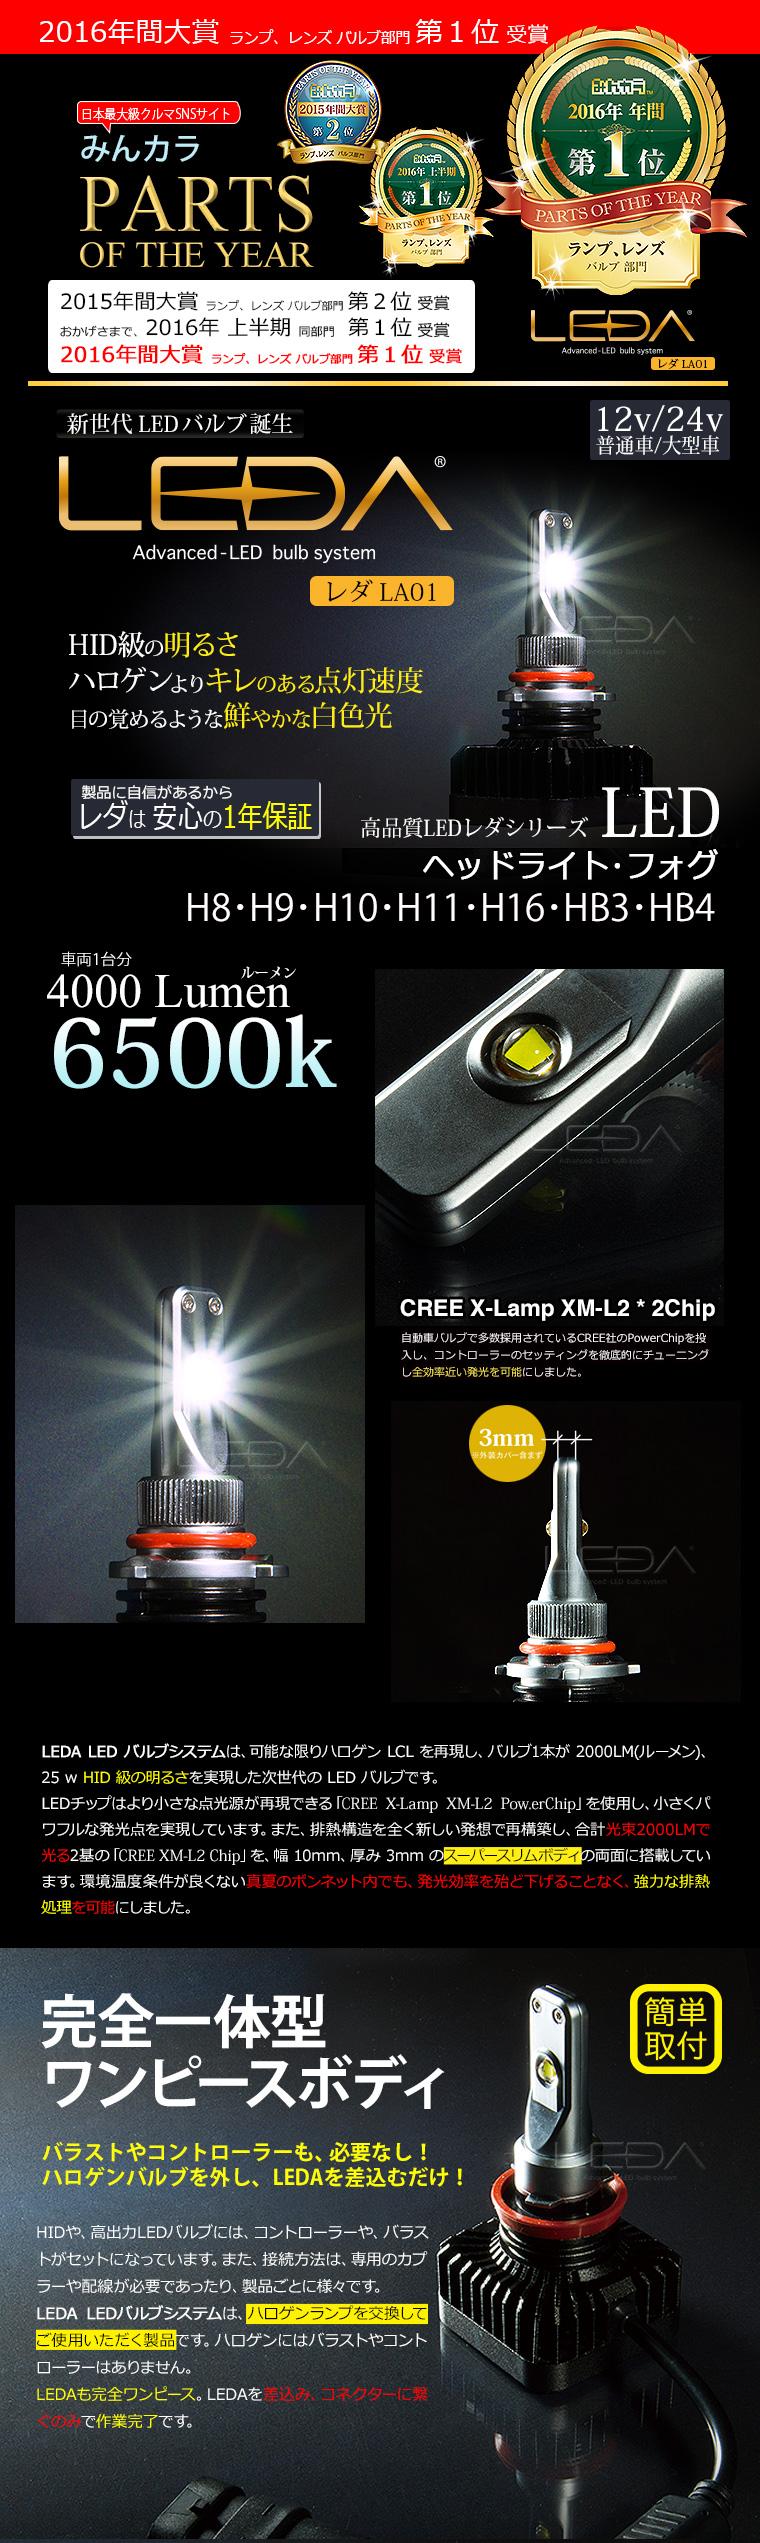 レダ LEDヘッドライト・フォグランプ